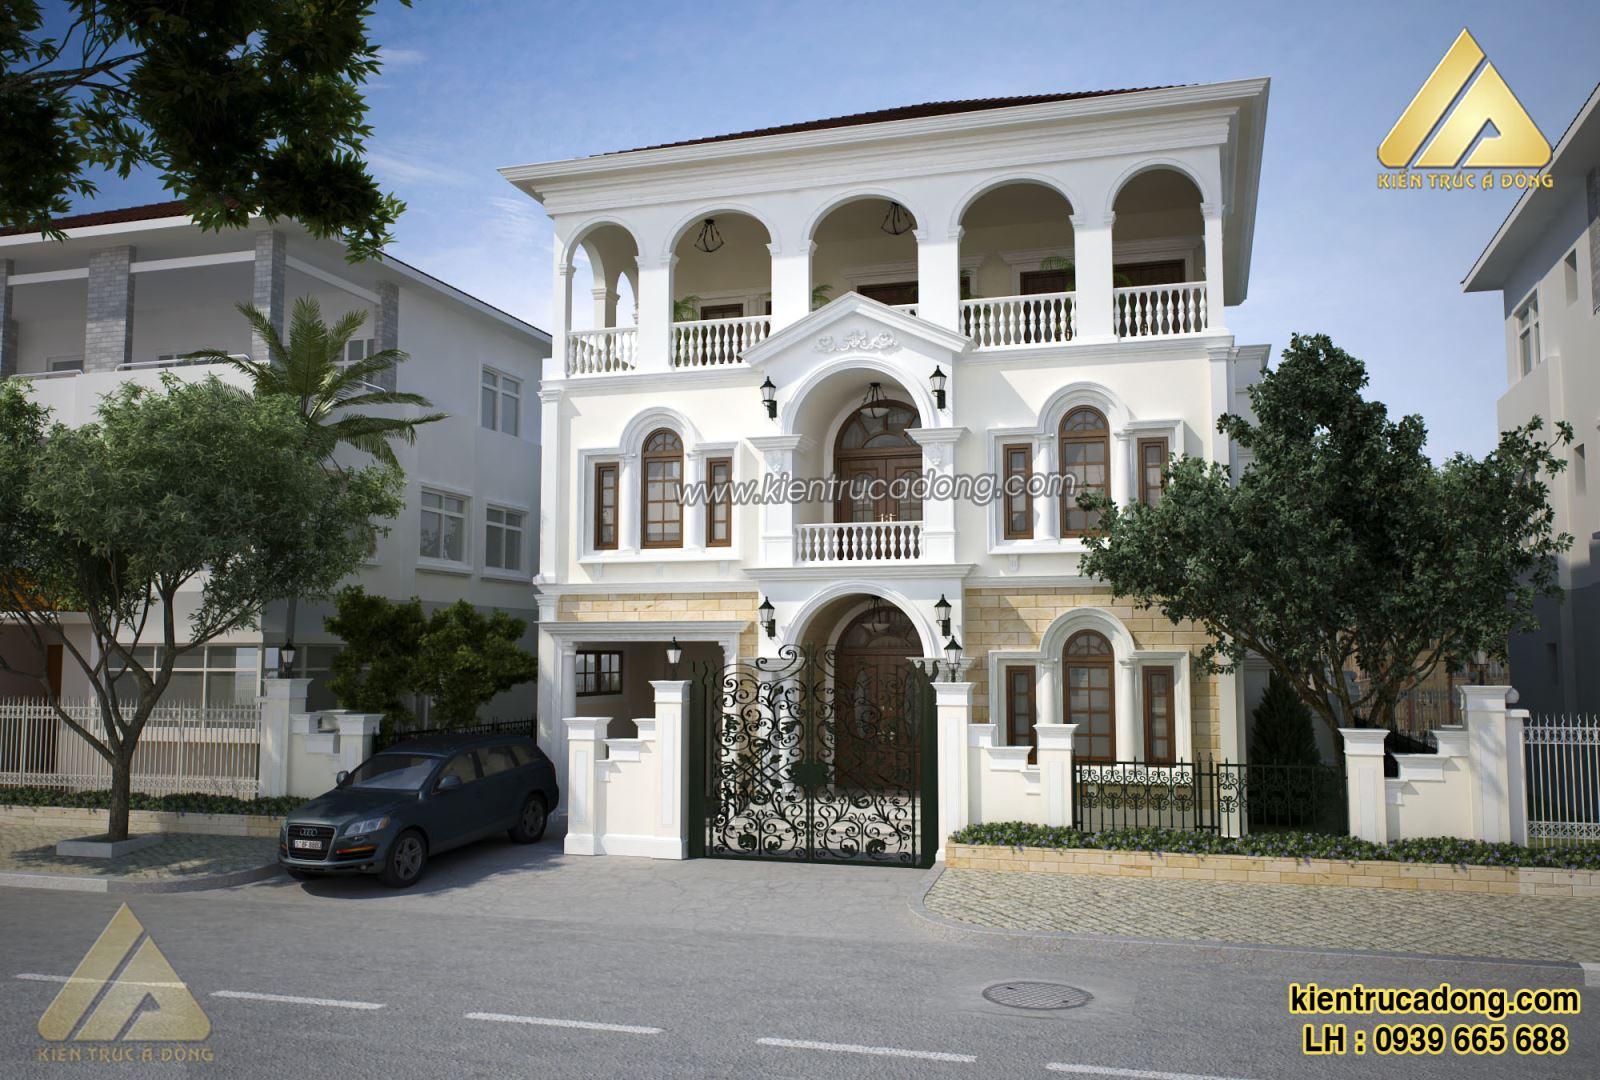 Mẫu nhà đẹp thiết kế biệt thự tân cổ điển